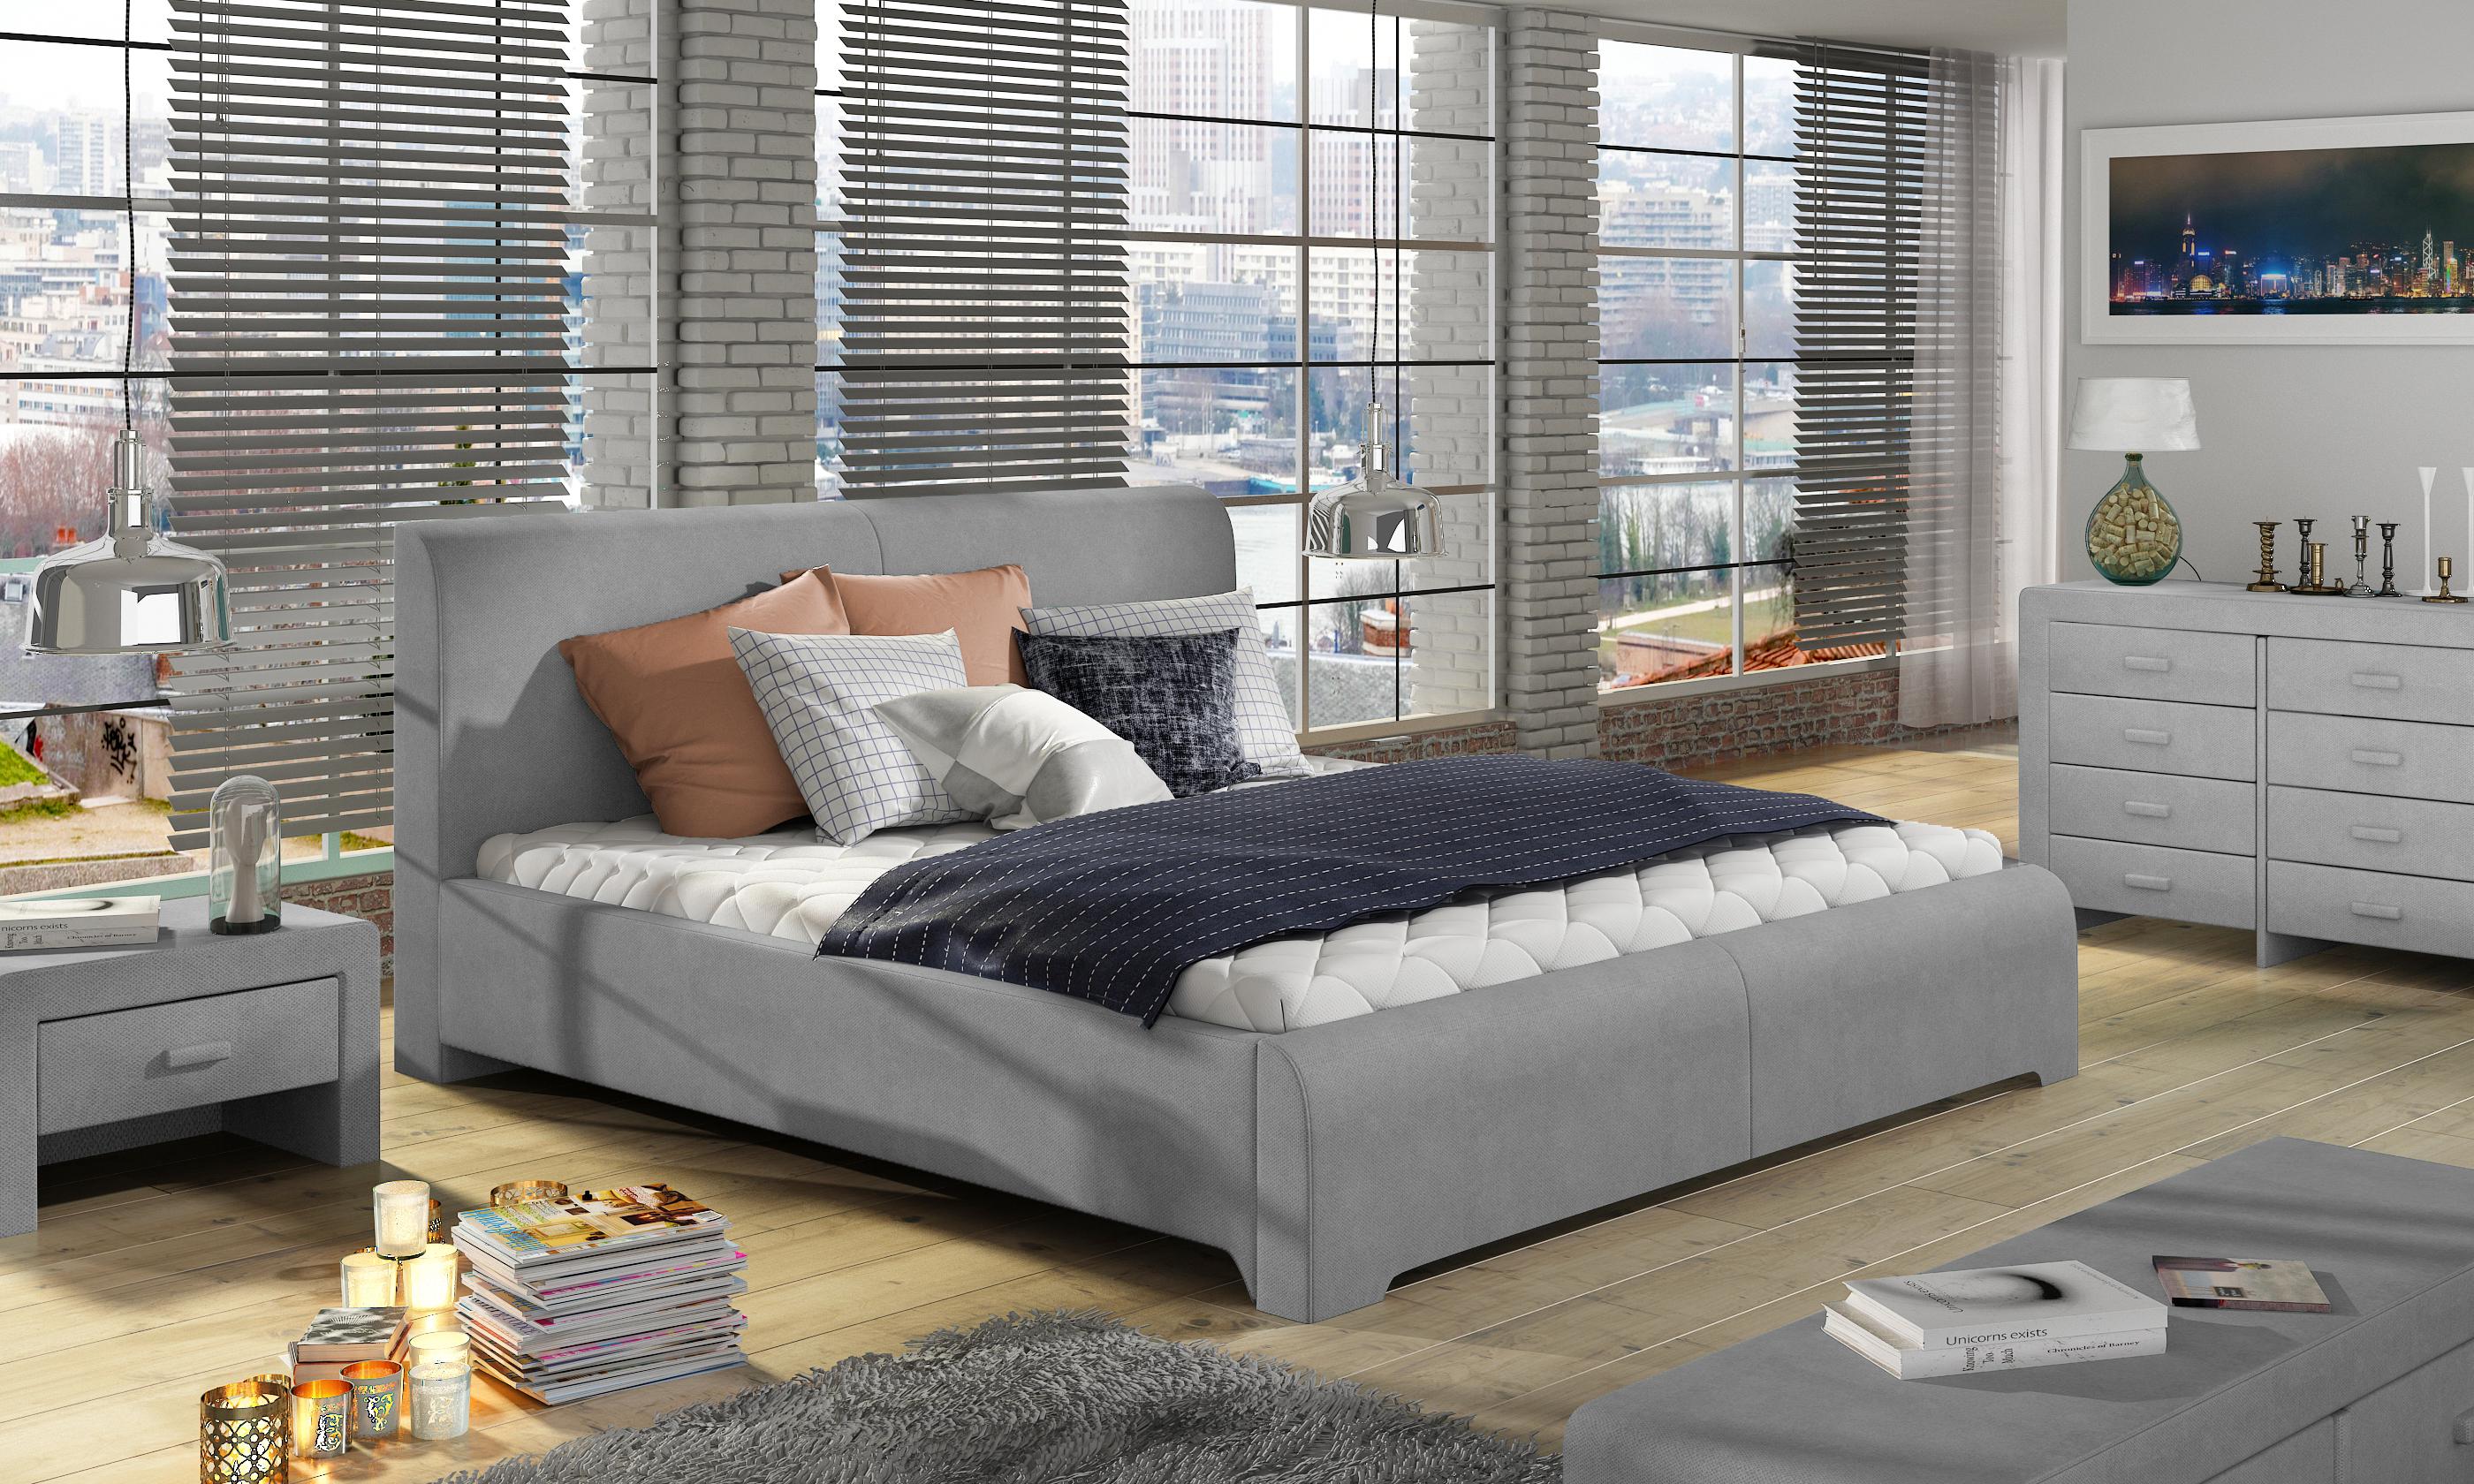 łóżko Tapicerowane W81236